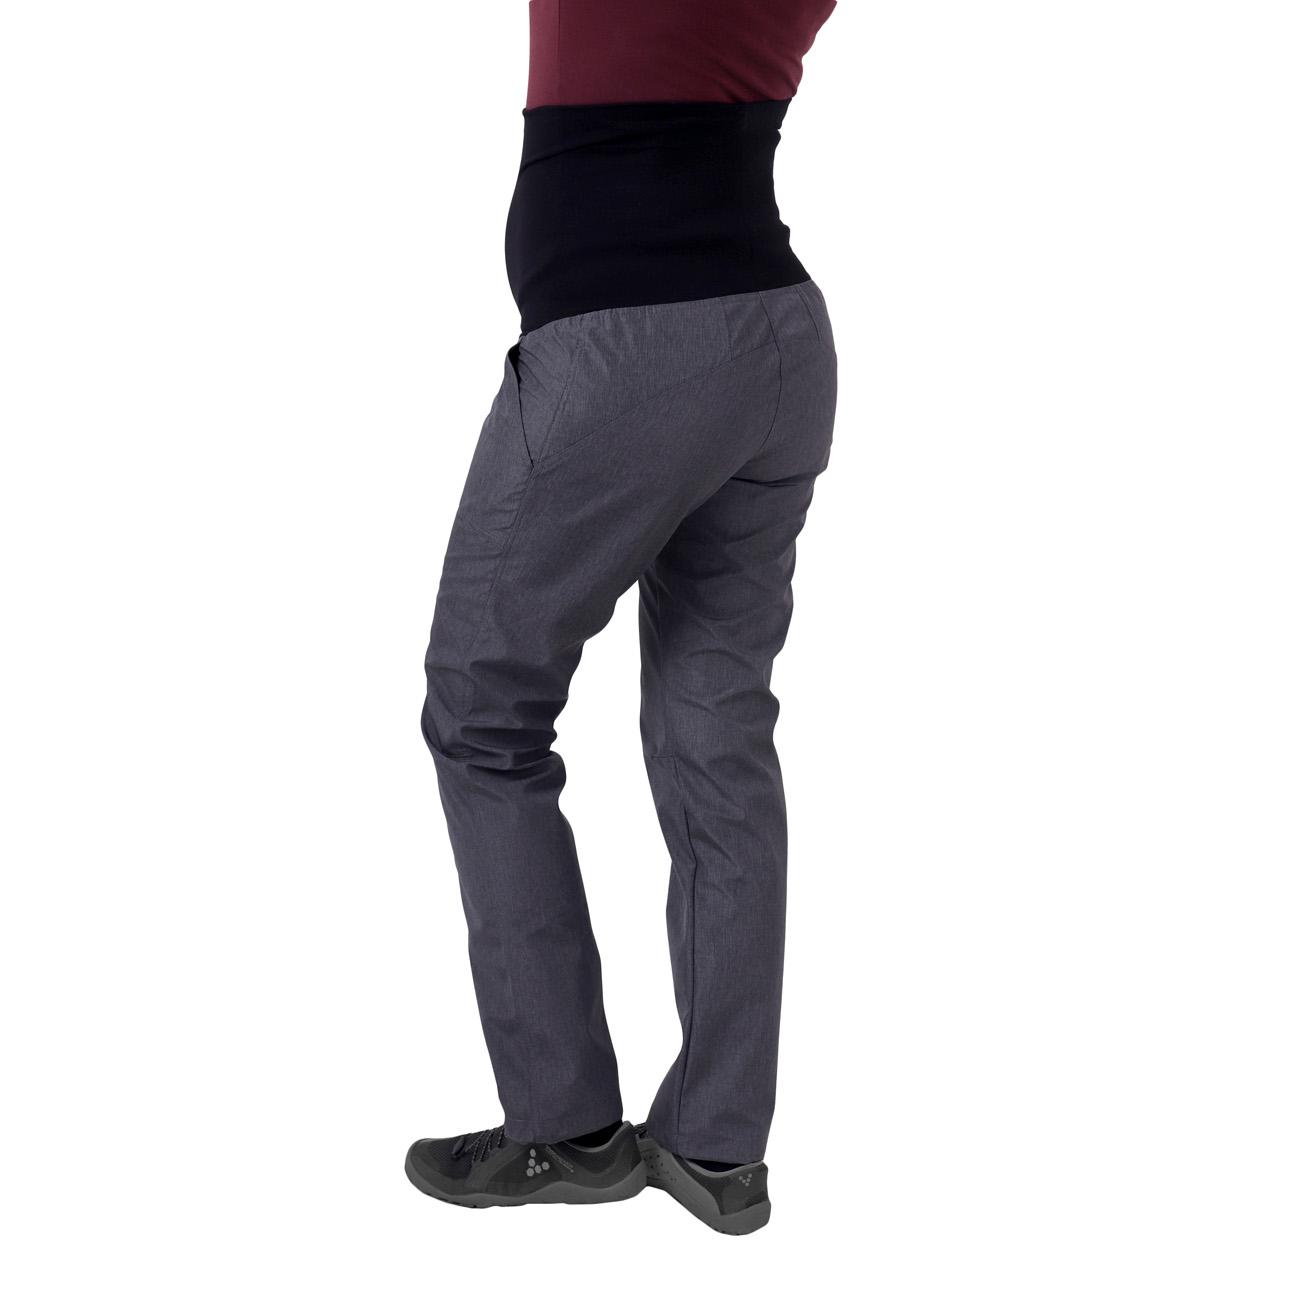 Jarní/letní těhotenské softshellové kalhoty liva, šedý melír, 40 prodloužené